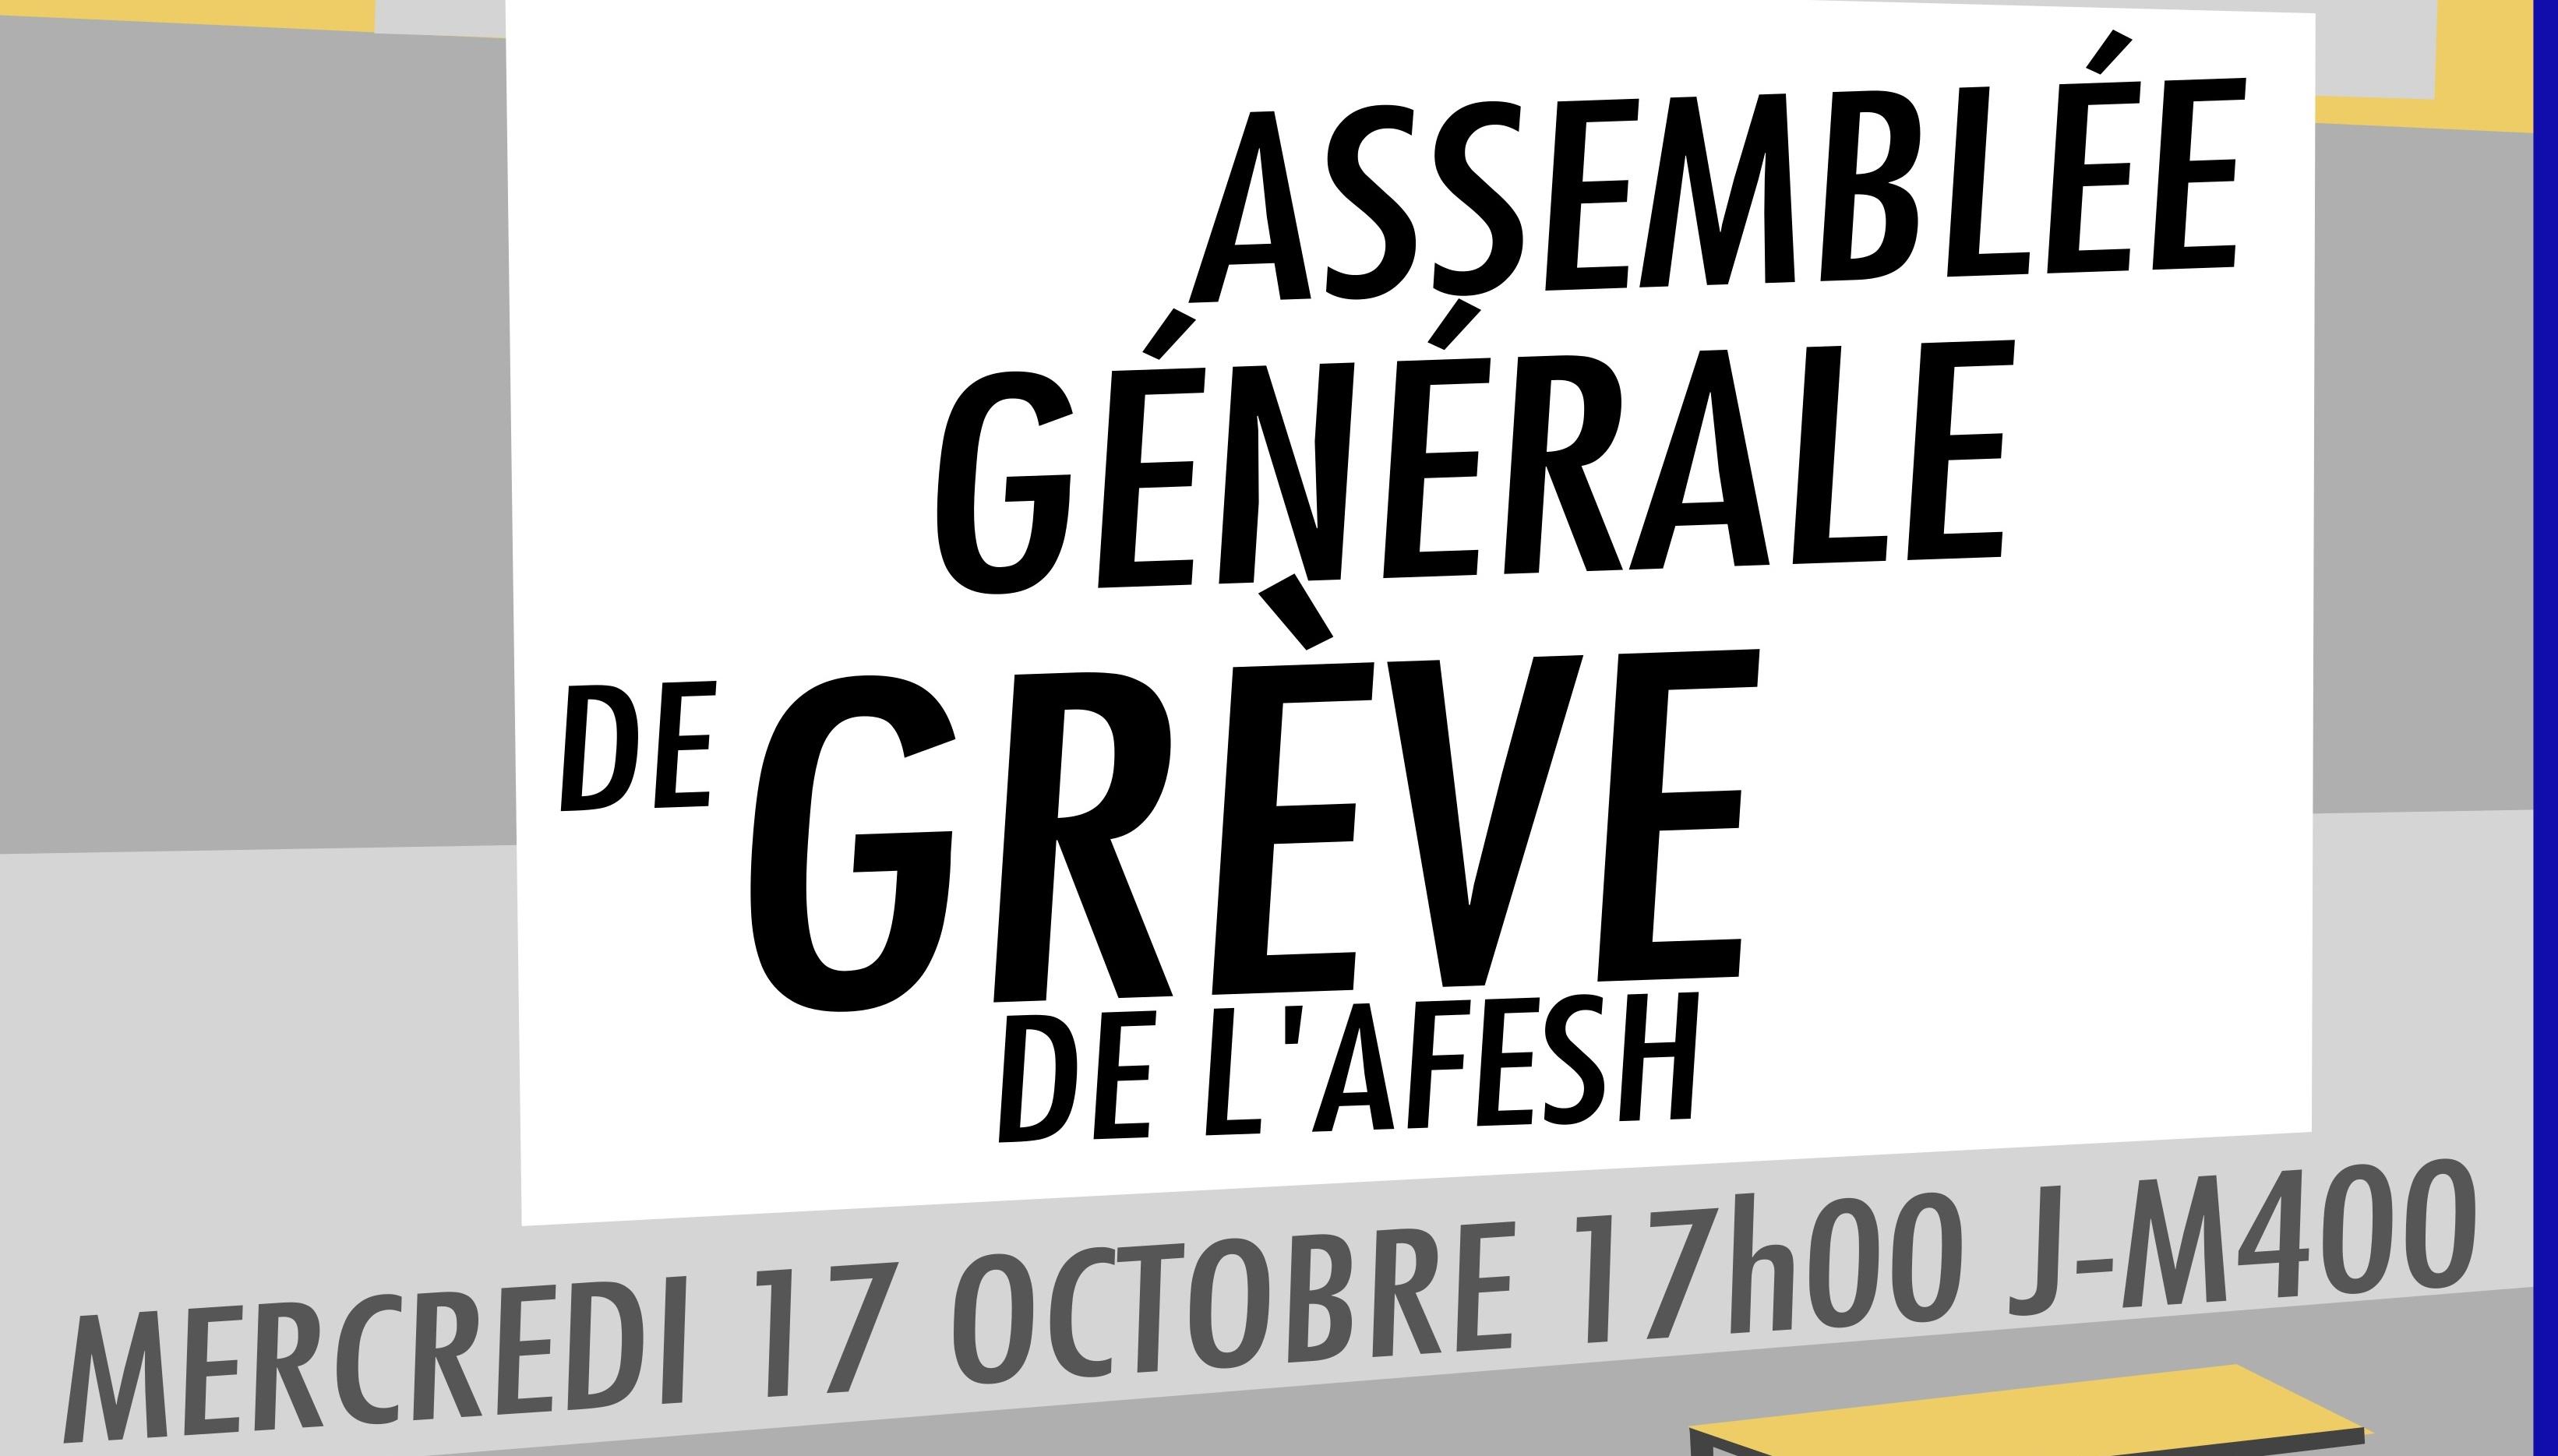 Assemblée Générale De Grève